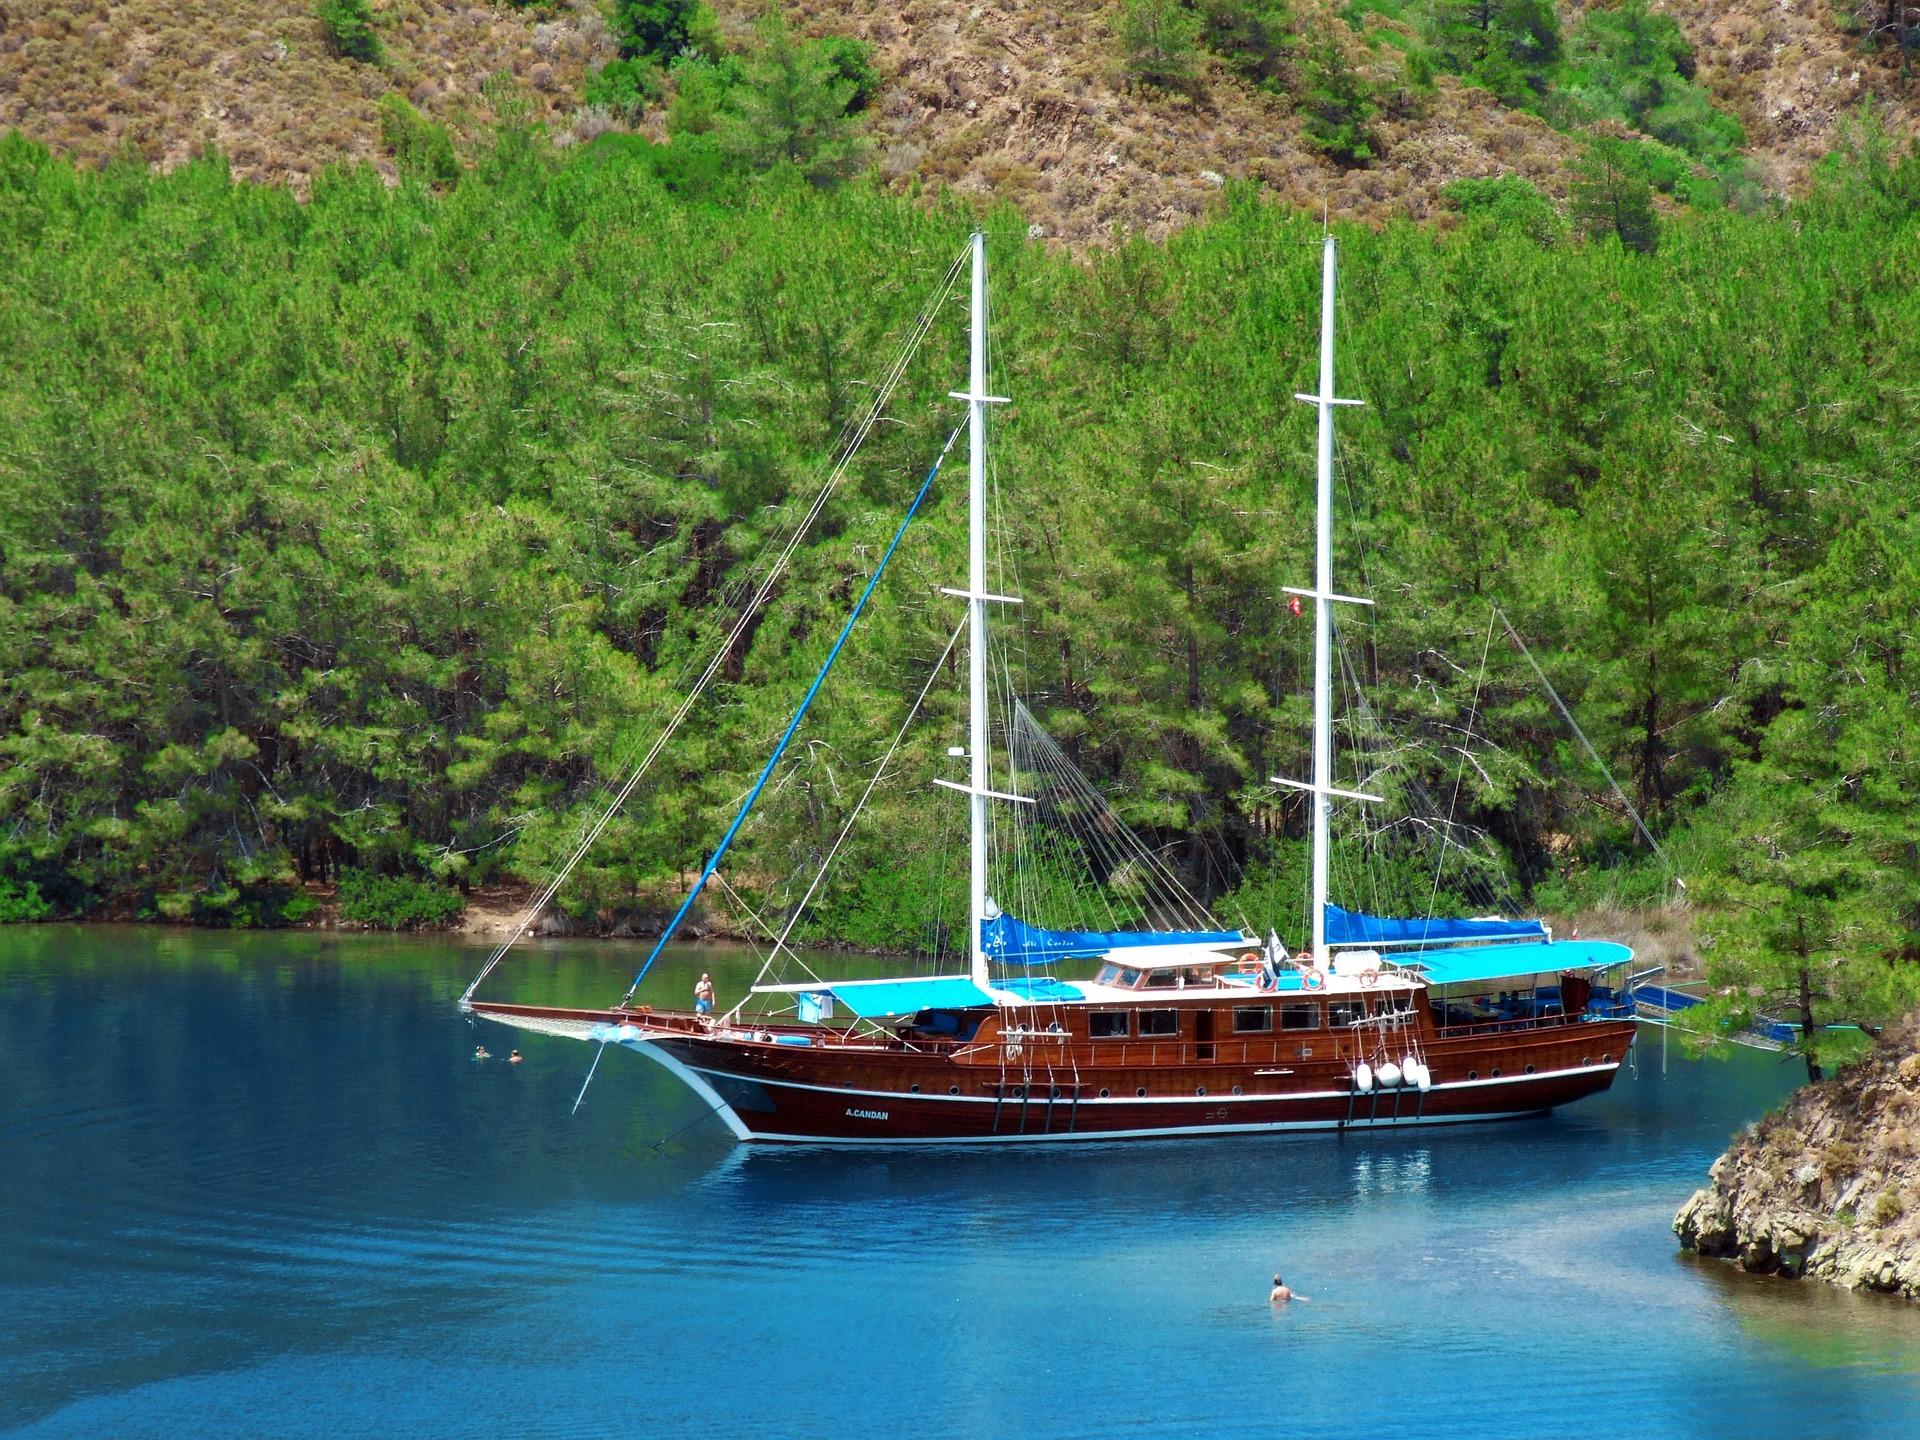 Vacanza in barca, le mete per trascorrere un estate perfetta